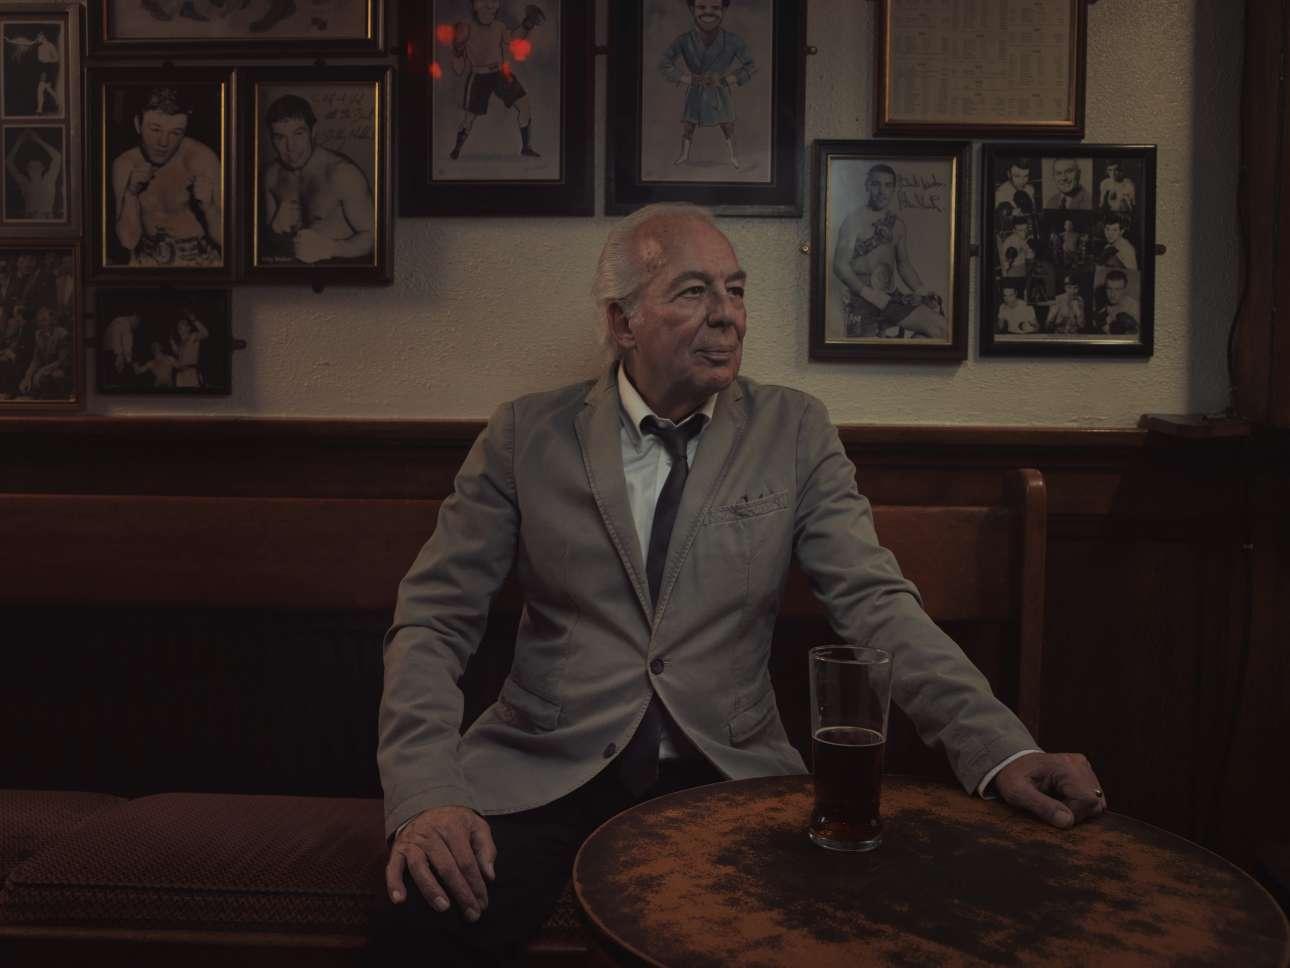 Πρώτη θέση, κατηγορία Πορτρέτο. Ο φωτογράφος Τομ Ολνταμ καταγράφει με τον φακό του τους τελευταίους εναπομείναντες τραγουδιστές στις λονδρέζικες παμπ, και συγκεκριμένα τις «μορφές» που εμφανίζονται στο Palm Tree στο ανατολικό Λονδίνο. «Πολύ πριν οι Γκίλμπερτ και Τζορτζ κάνουν τέχνη στο Ιστ Εντ του Λονδίνου, σε κάθε παμπ τα Σαββατοκύριακα έβρισκες τραγουδιστές να ερμηνεύουν ερωτικά τζαζ τραγούδια»